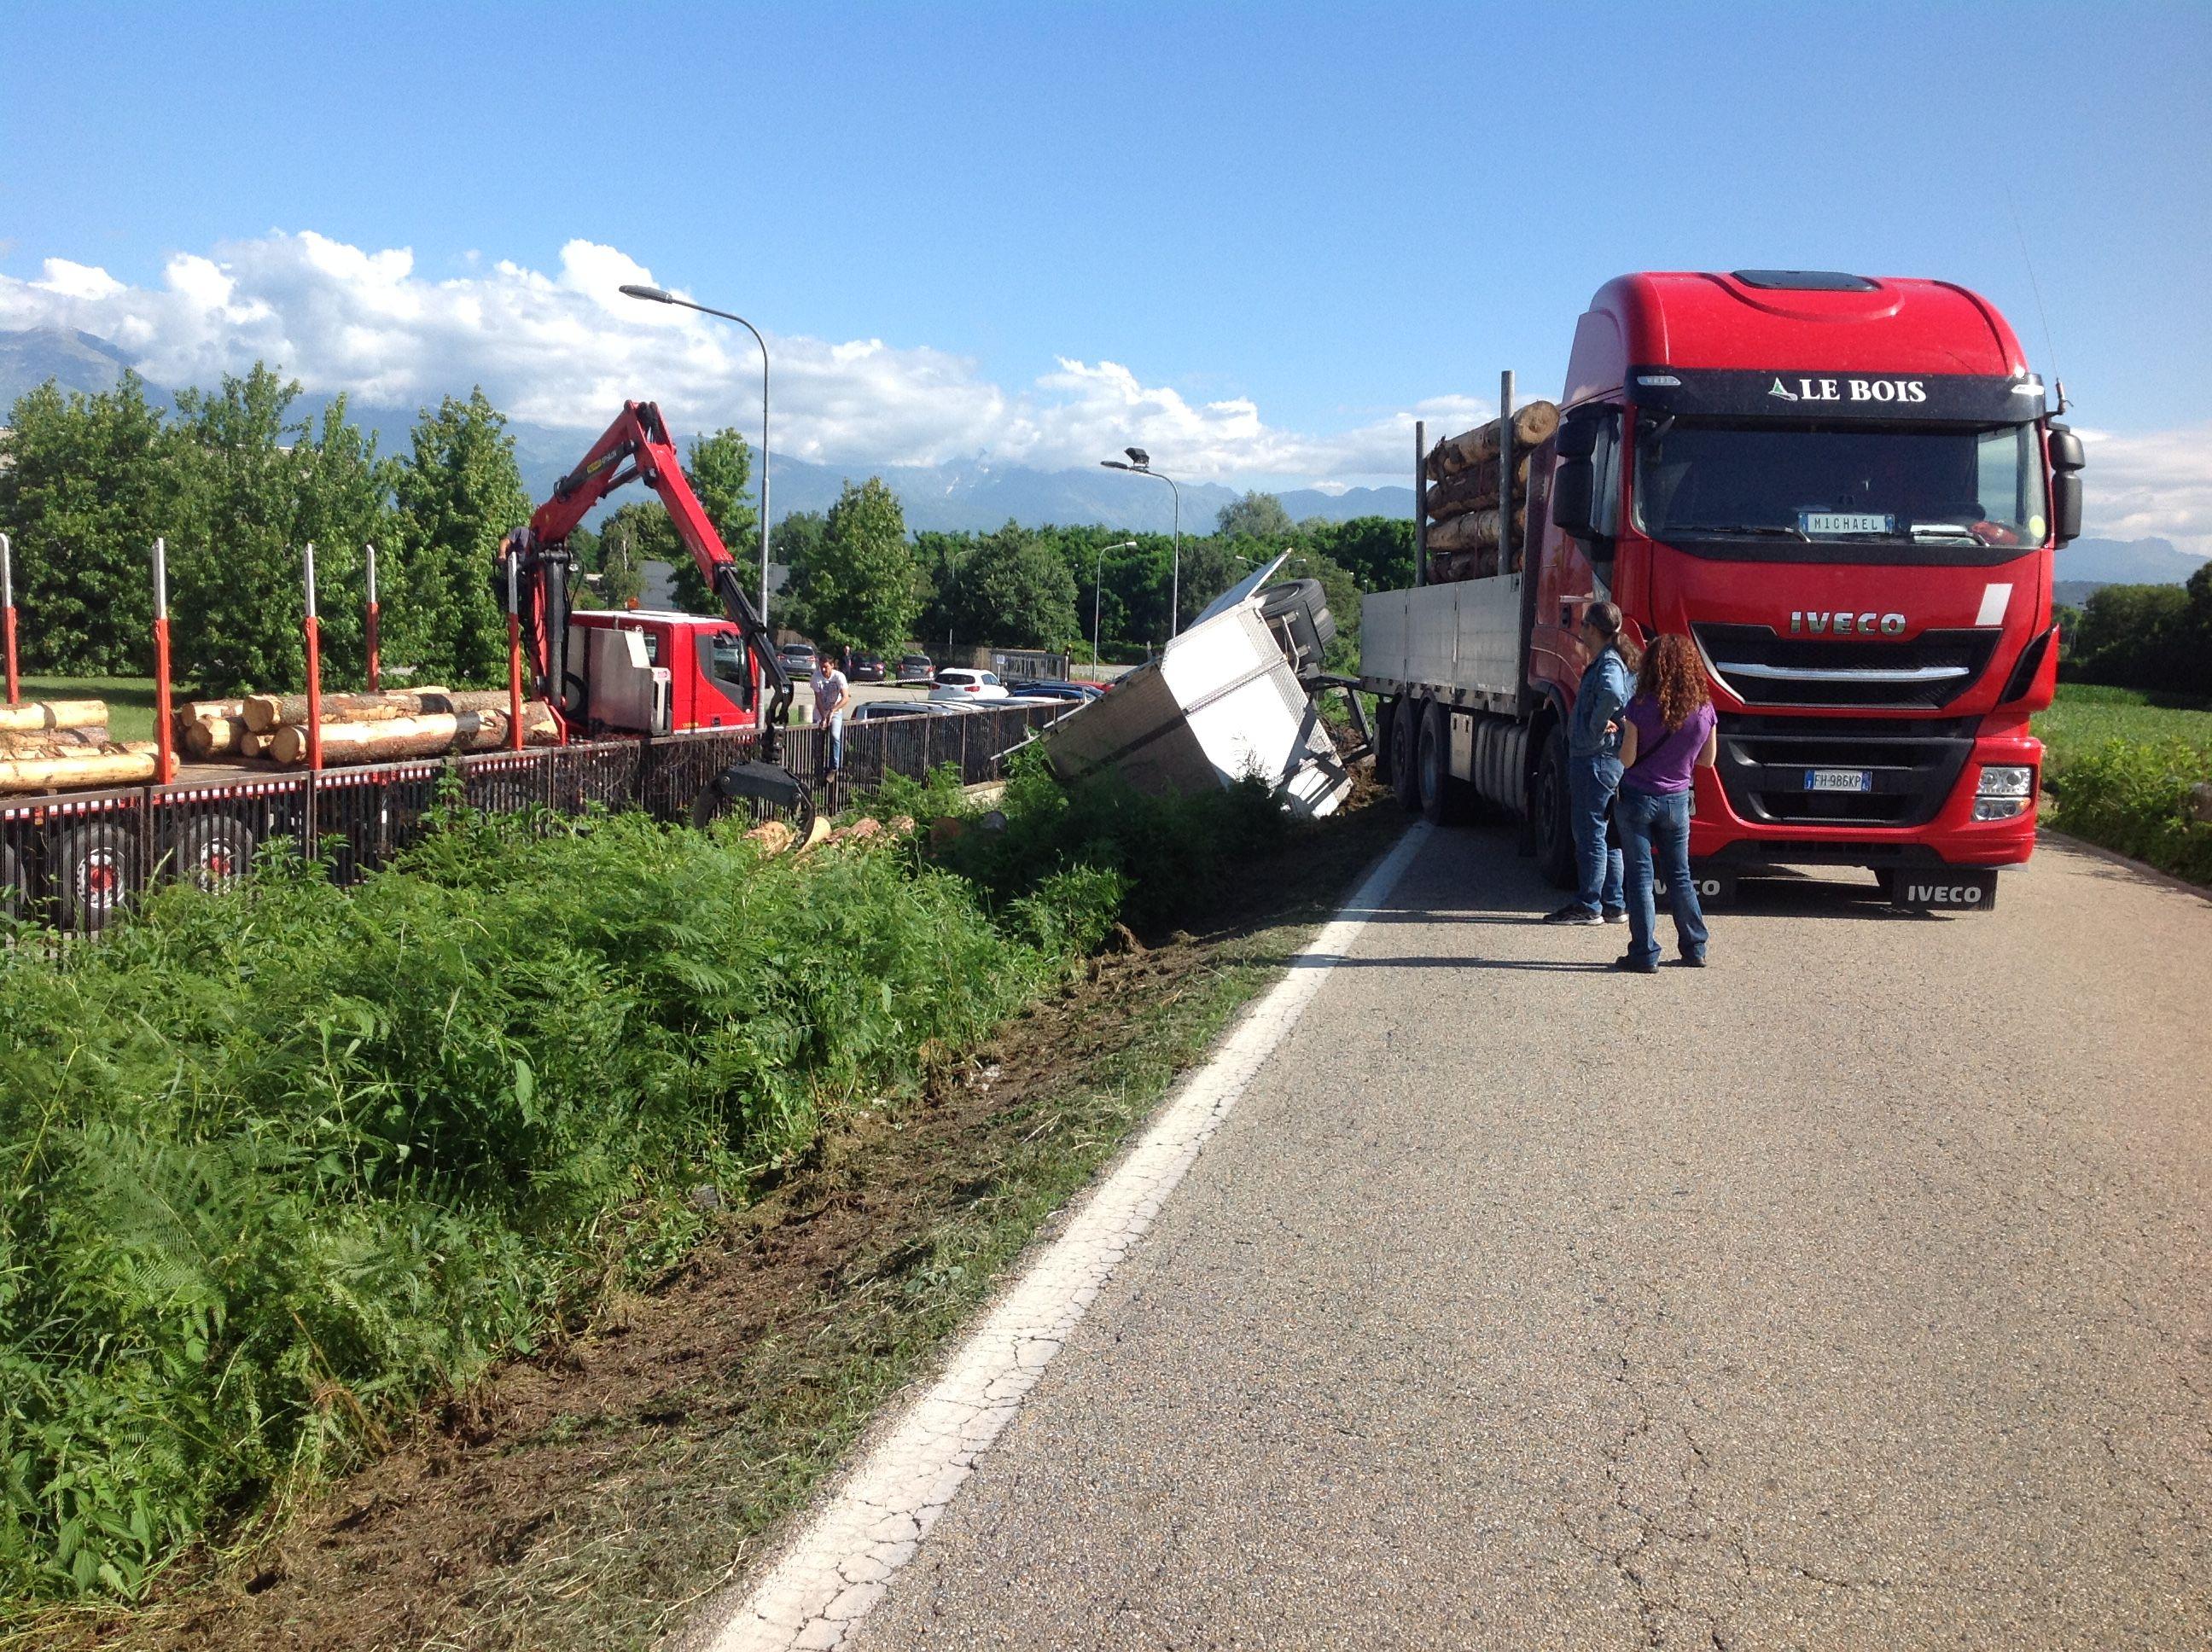 FELETTO-CICONIO - Provinciale troppo stretta: camion si ribalta e perde il carico - FOTO E VIDEO